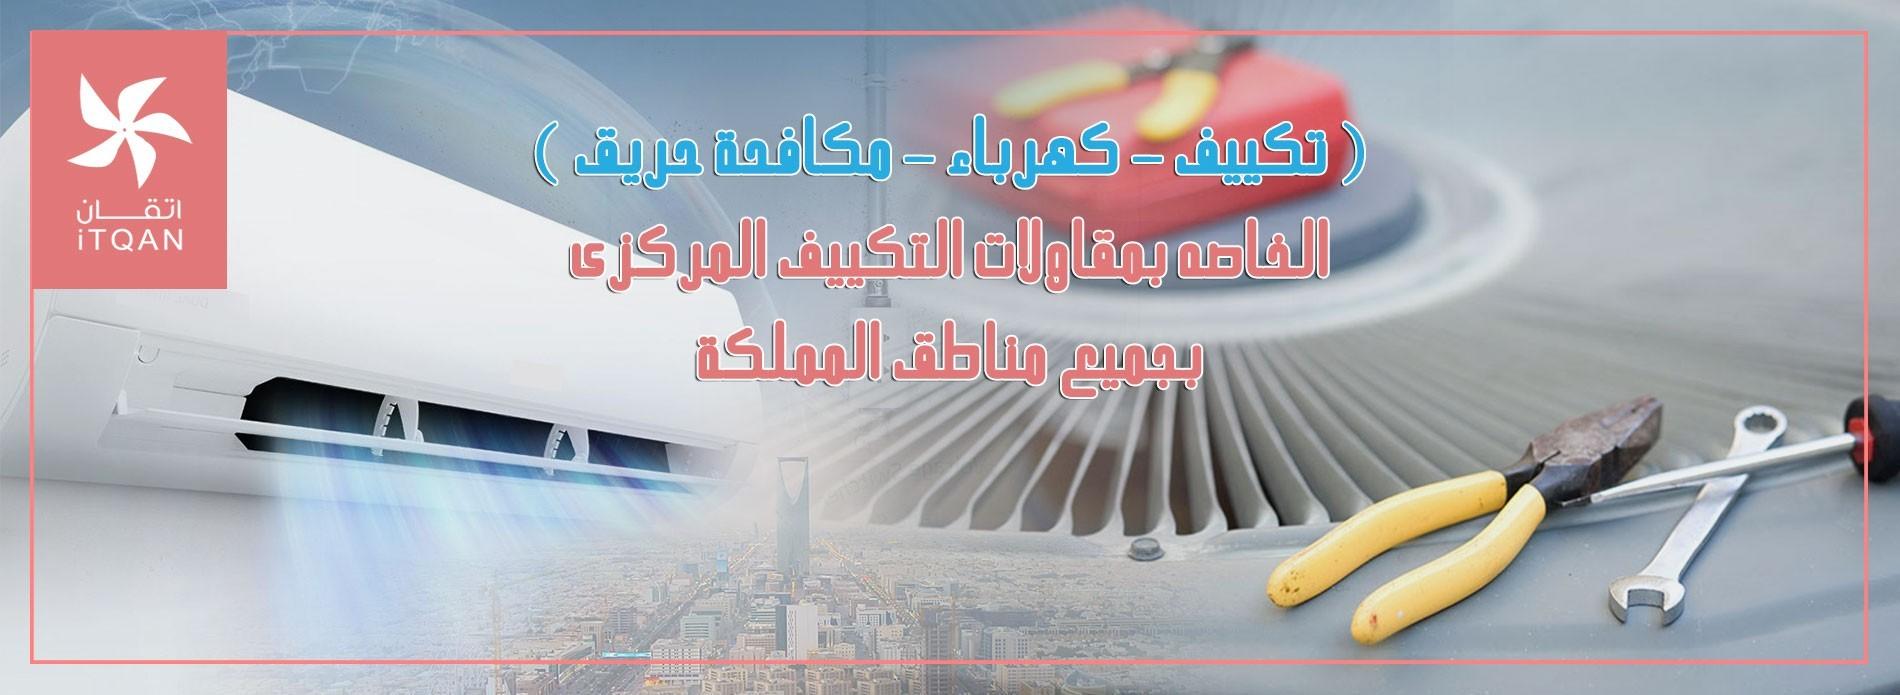 أفضل شركات الكتروميكانيك بالسعودية